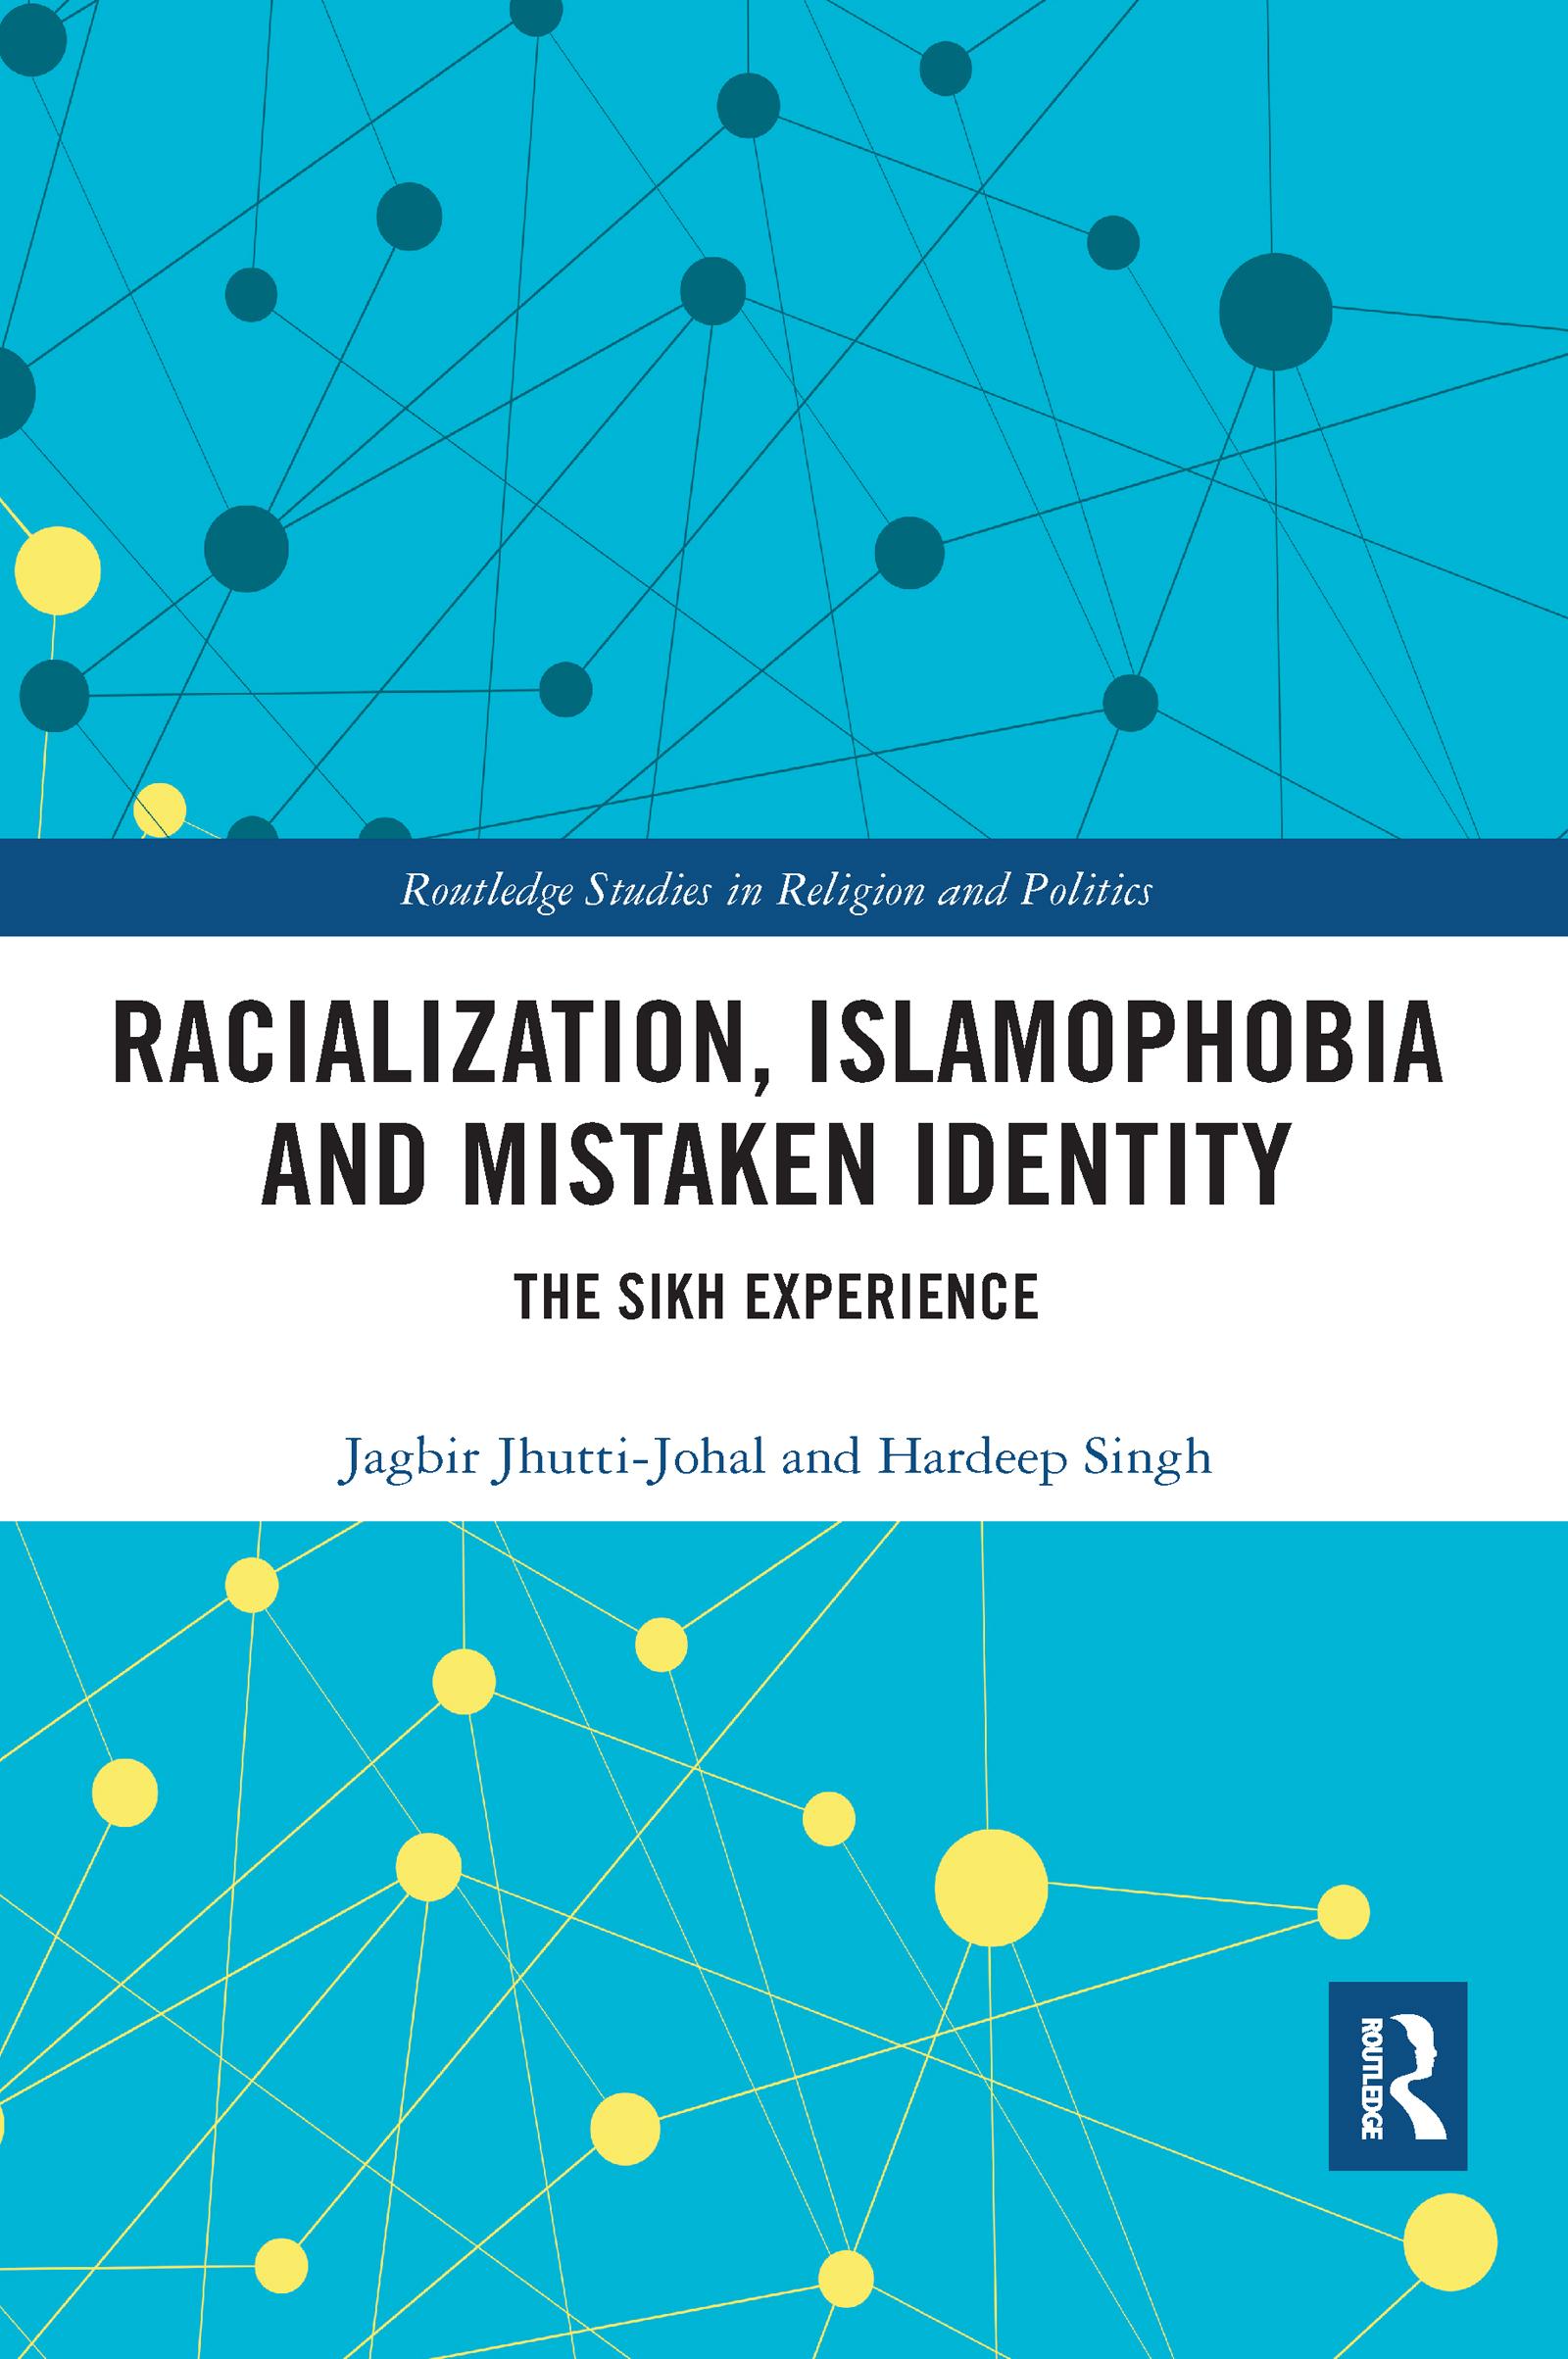 Racialization, Islamophobia and Mistaken Identity